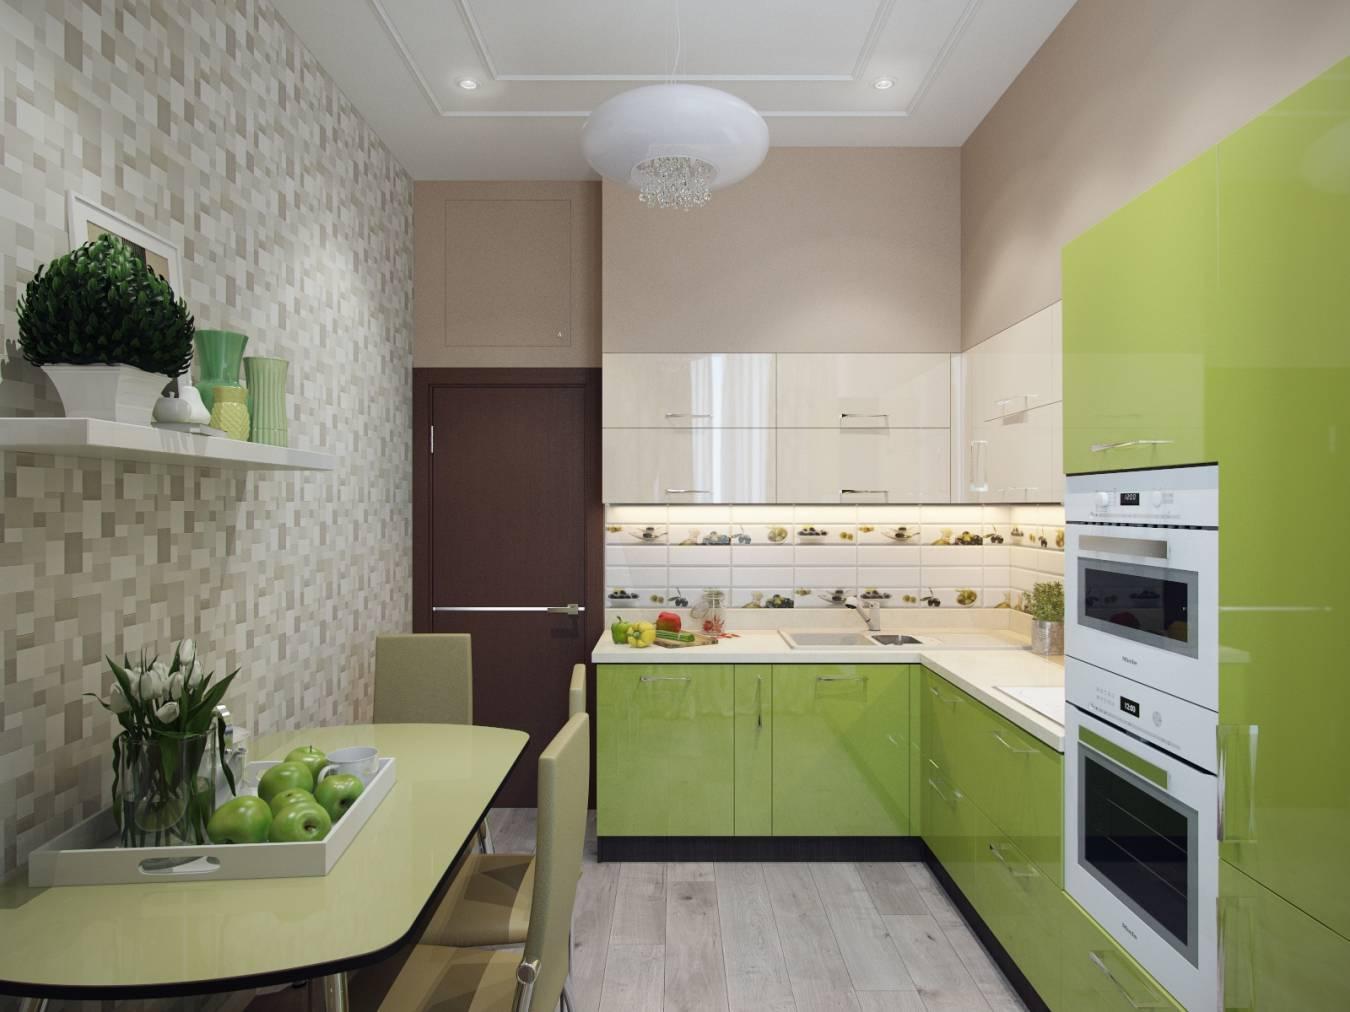 Обои на кухню: критерии выбора, правила сочетания с мебелью, табу и исключения (+ 54 фото)